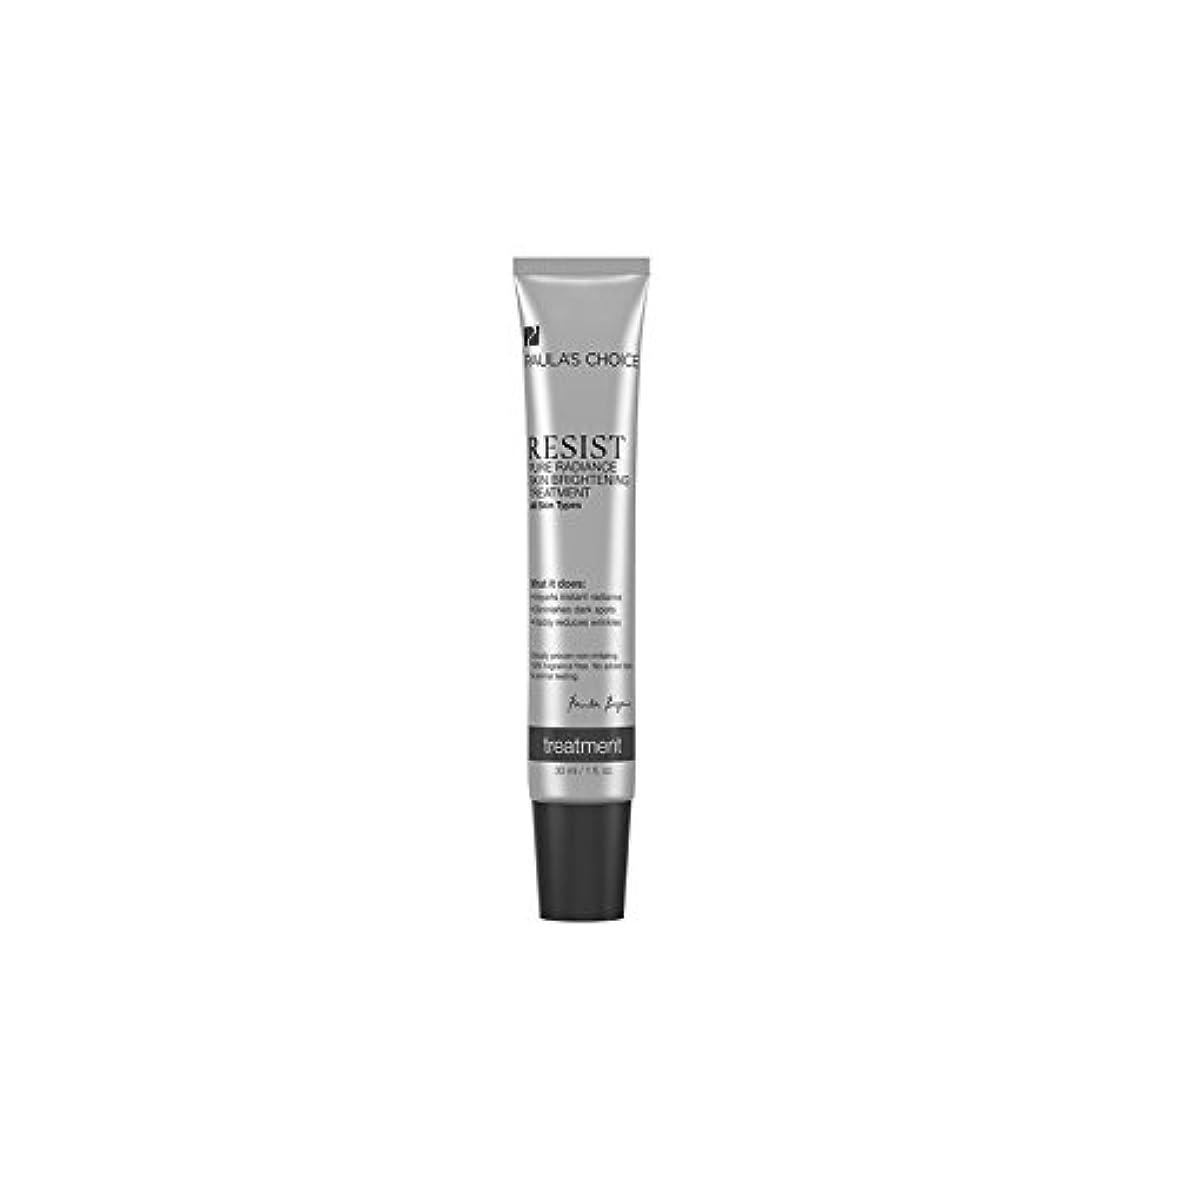 卒業位置づける安西ポーラチョイスは純粋な輝き肌ブライトニングトリートメント(30ミリリットル)を抵抗します x2 - Paula's Choice Resist Pure Radiance Skin Brightening Treatment...